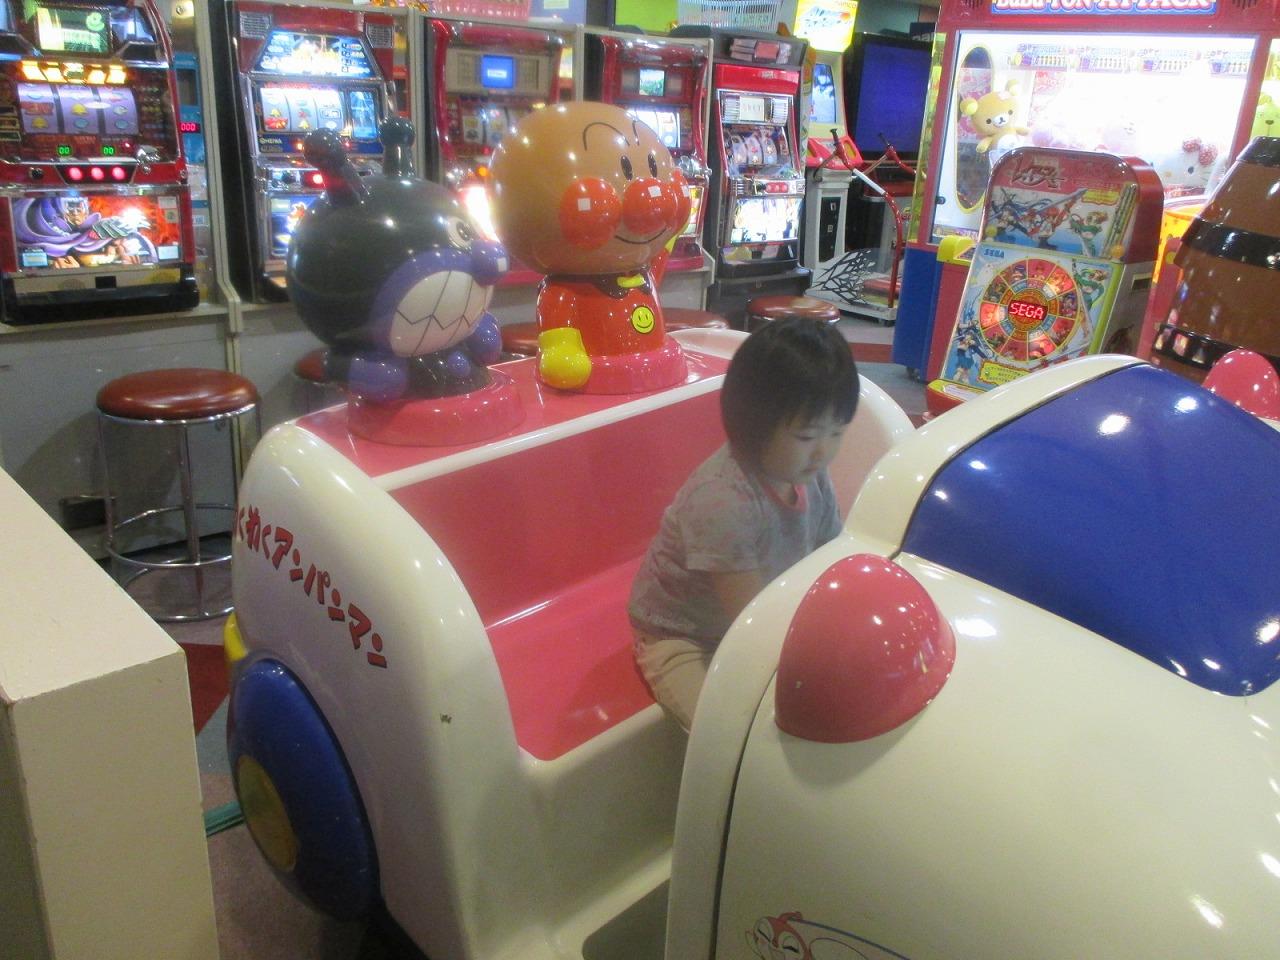 8月22日(金)・・26年度・お盆・家族旅行①_f0202703_22223524.jpg